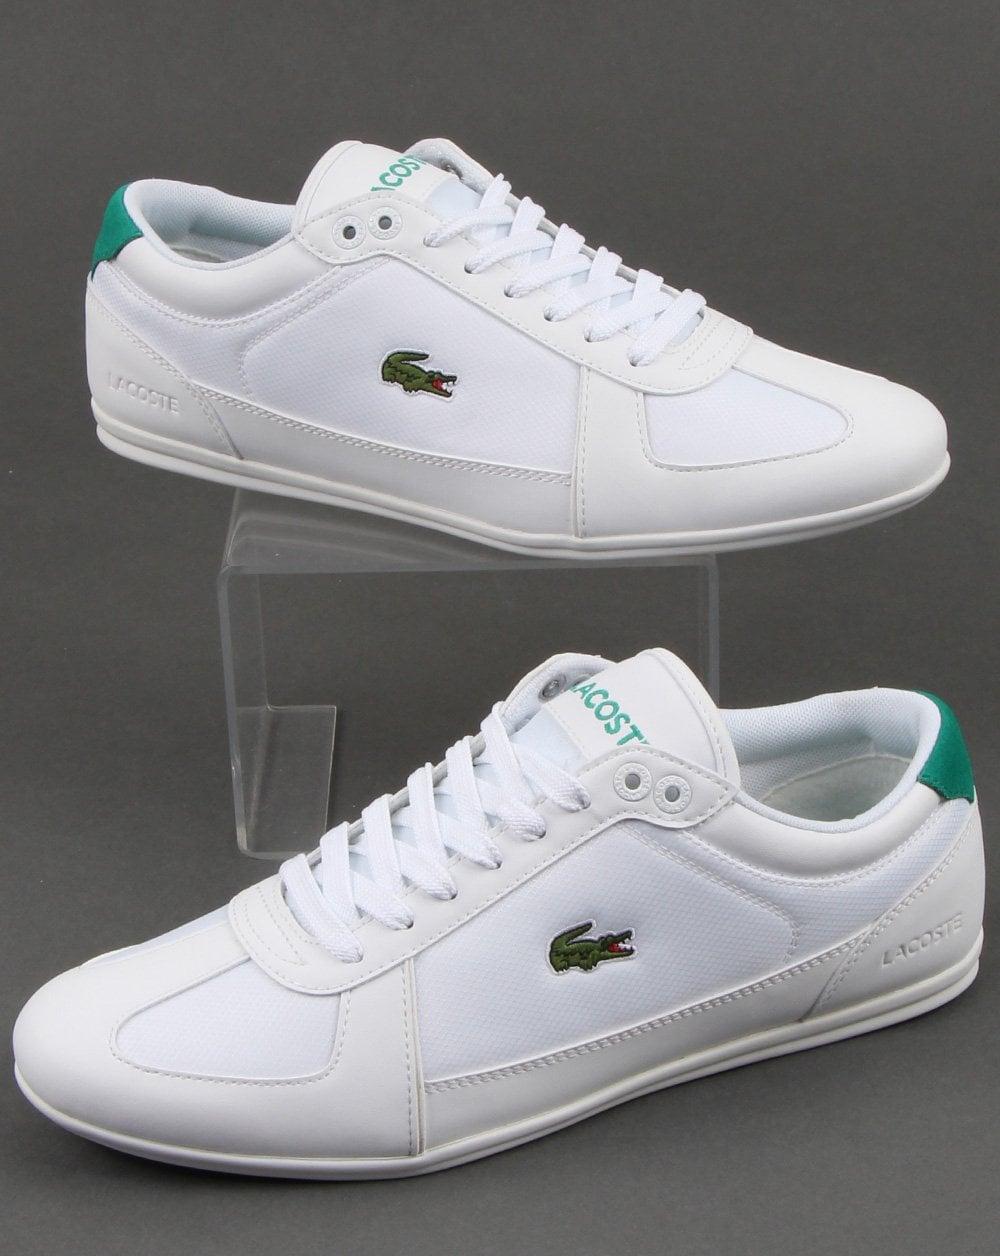 Lacoste Footwear Evara Sport Trainer